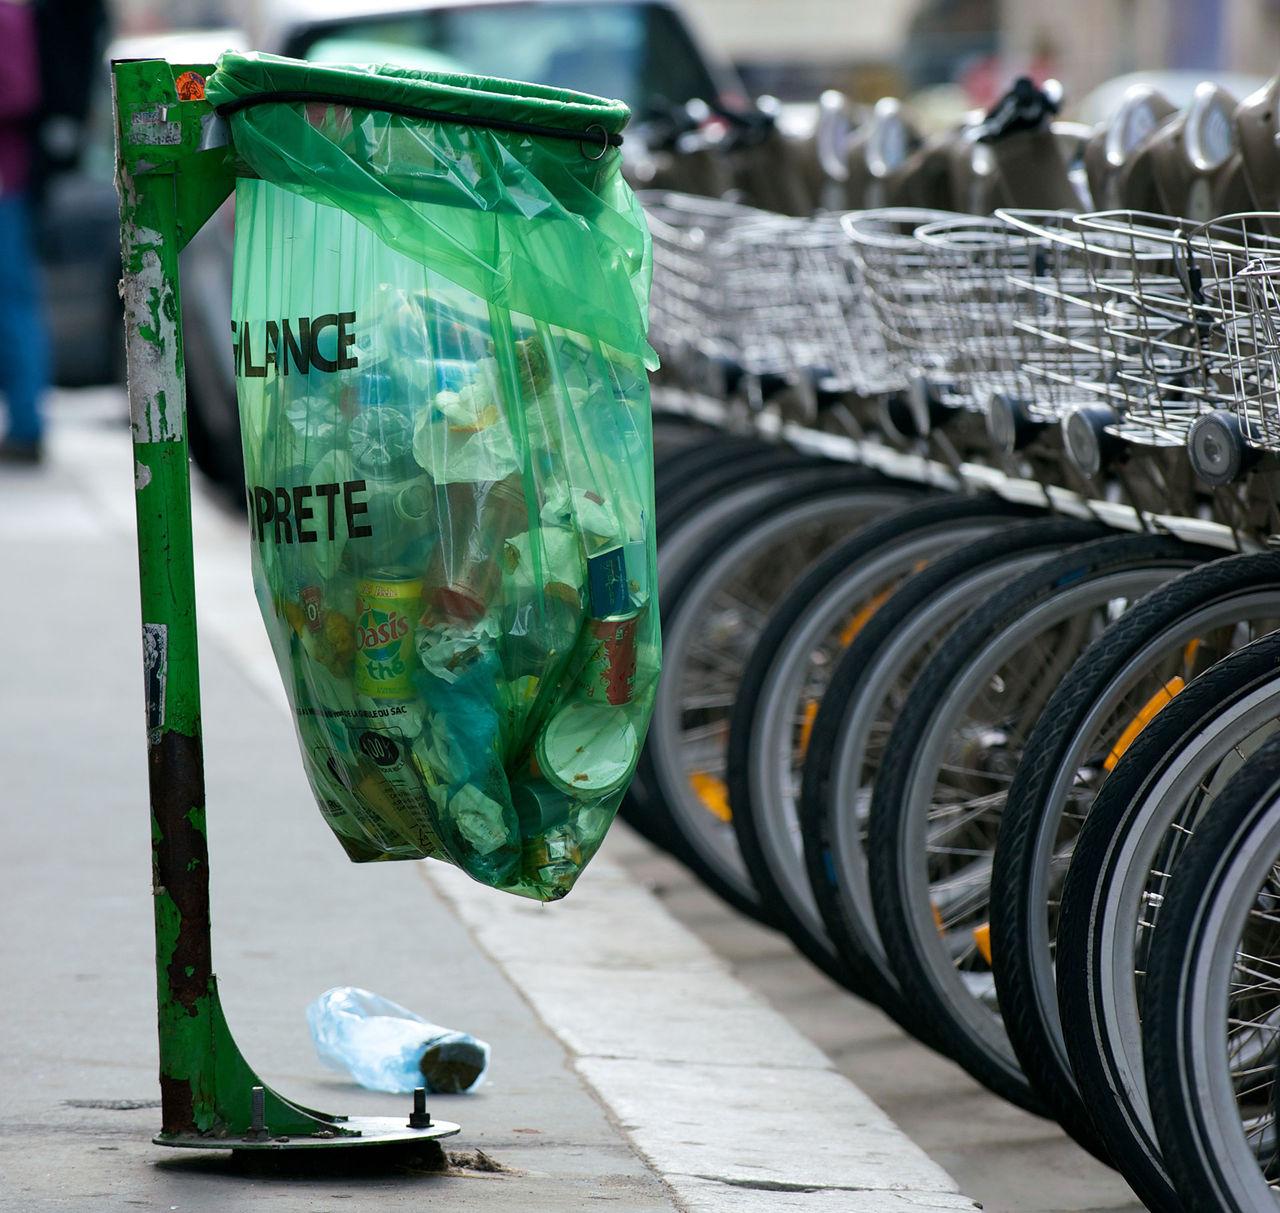 Plastpåsar föreslås bli ordentligt mycket dyrare